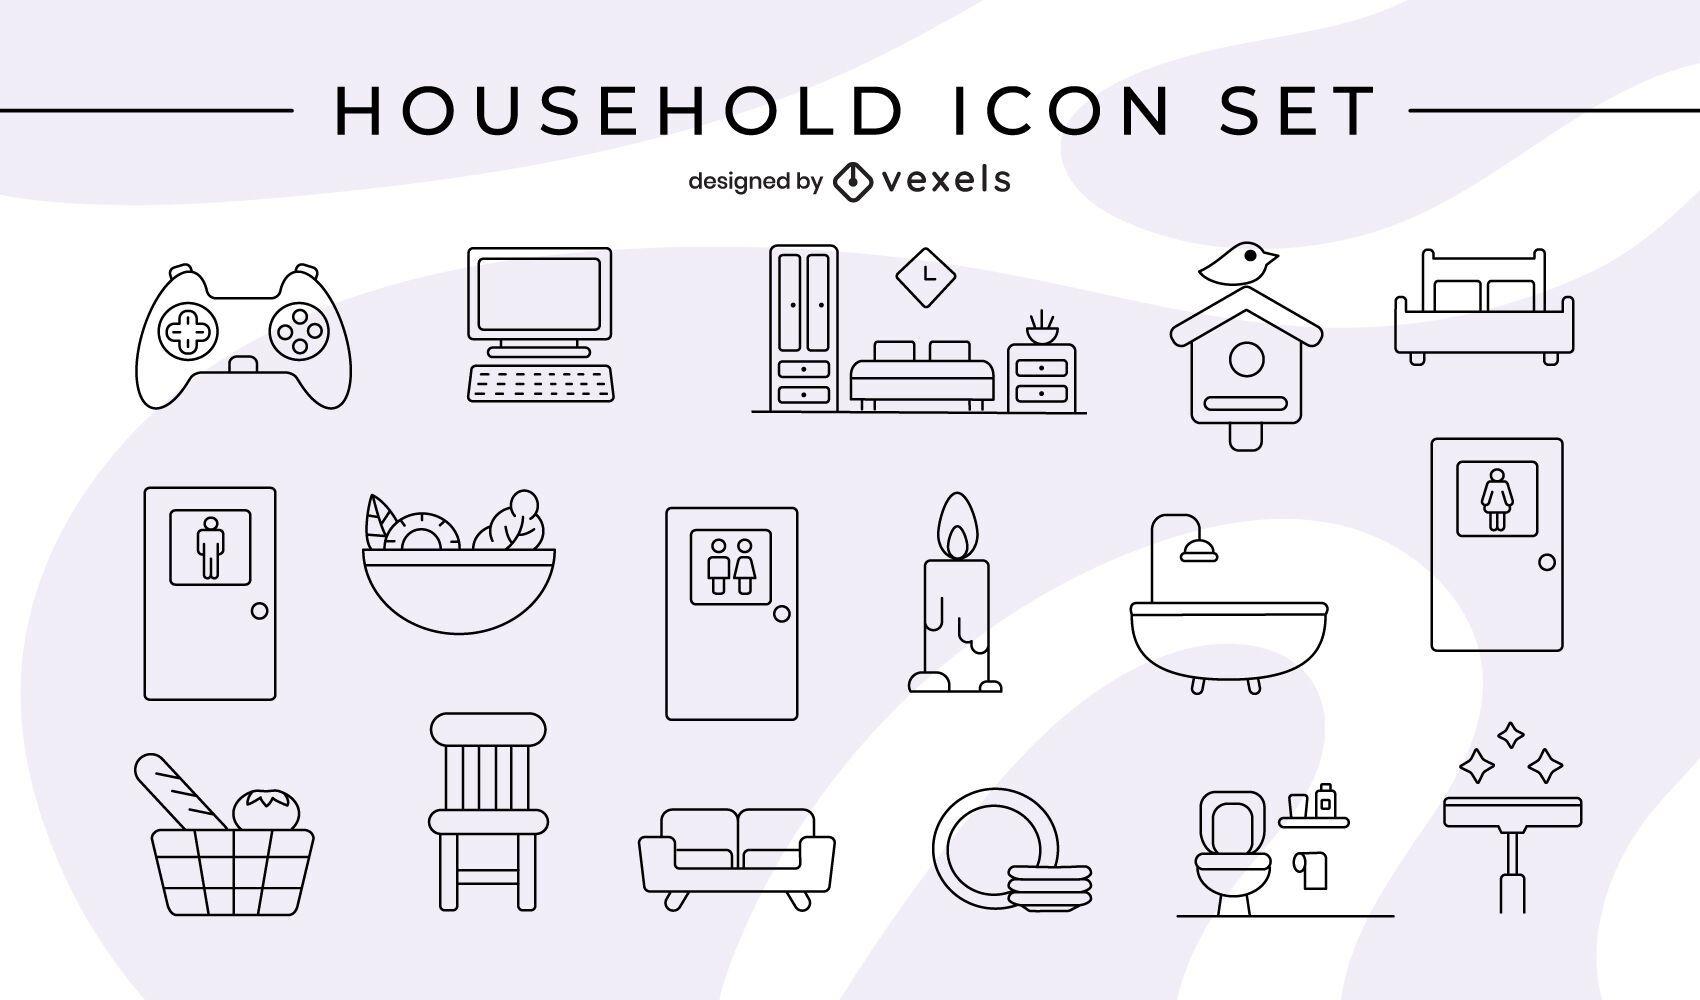 Household icon set